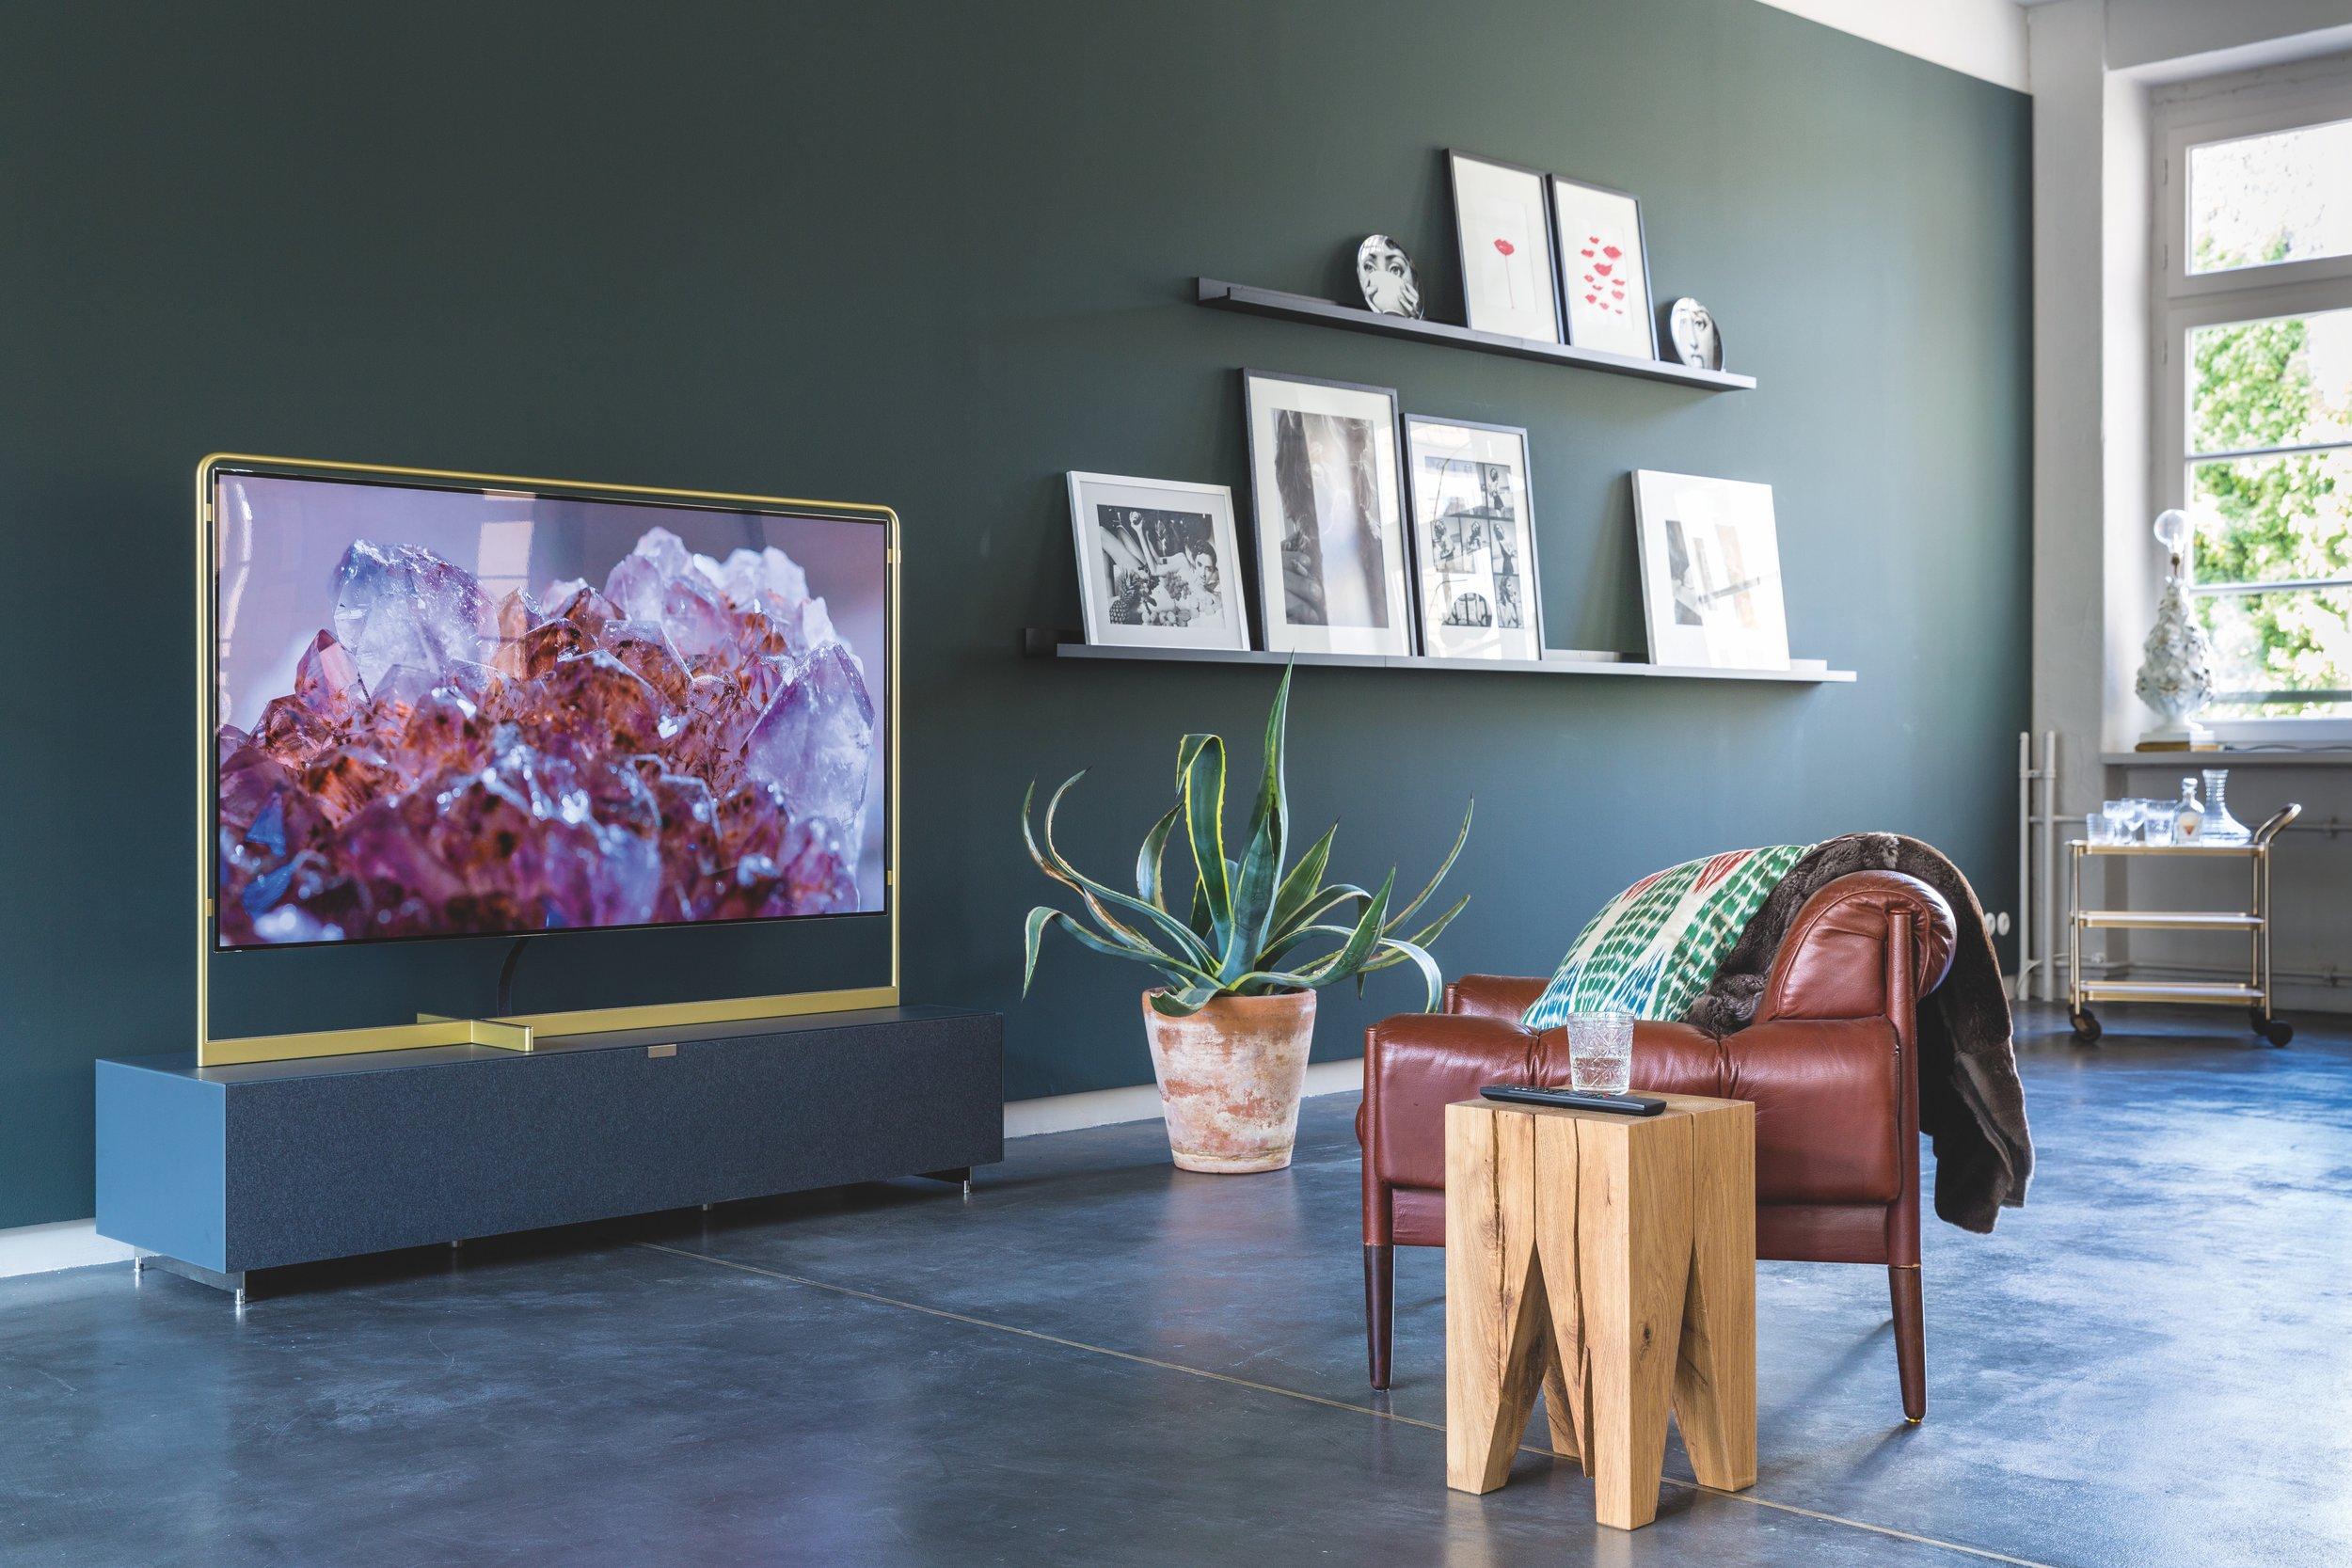 Green_walls_Modern_Living_room_Loewe_TV_pink_crystals_marble_floor_tiling